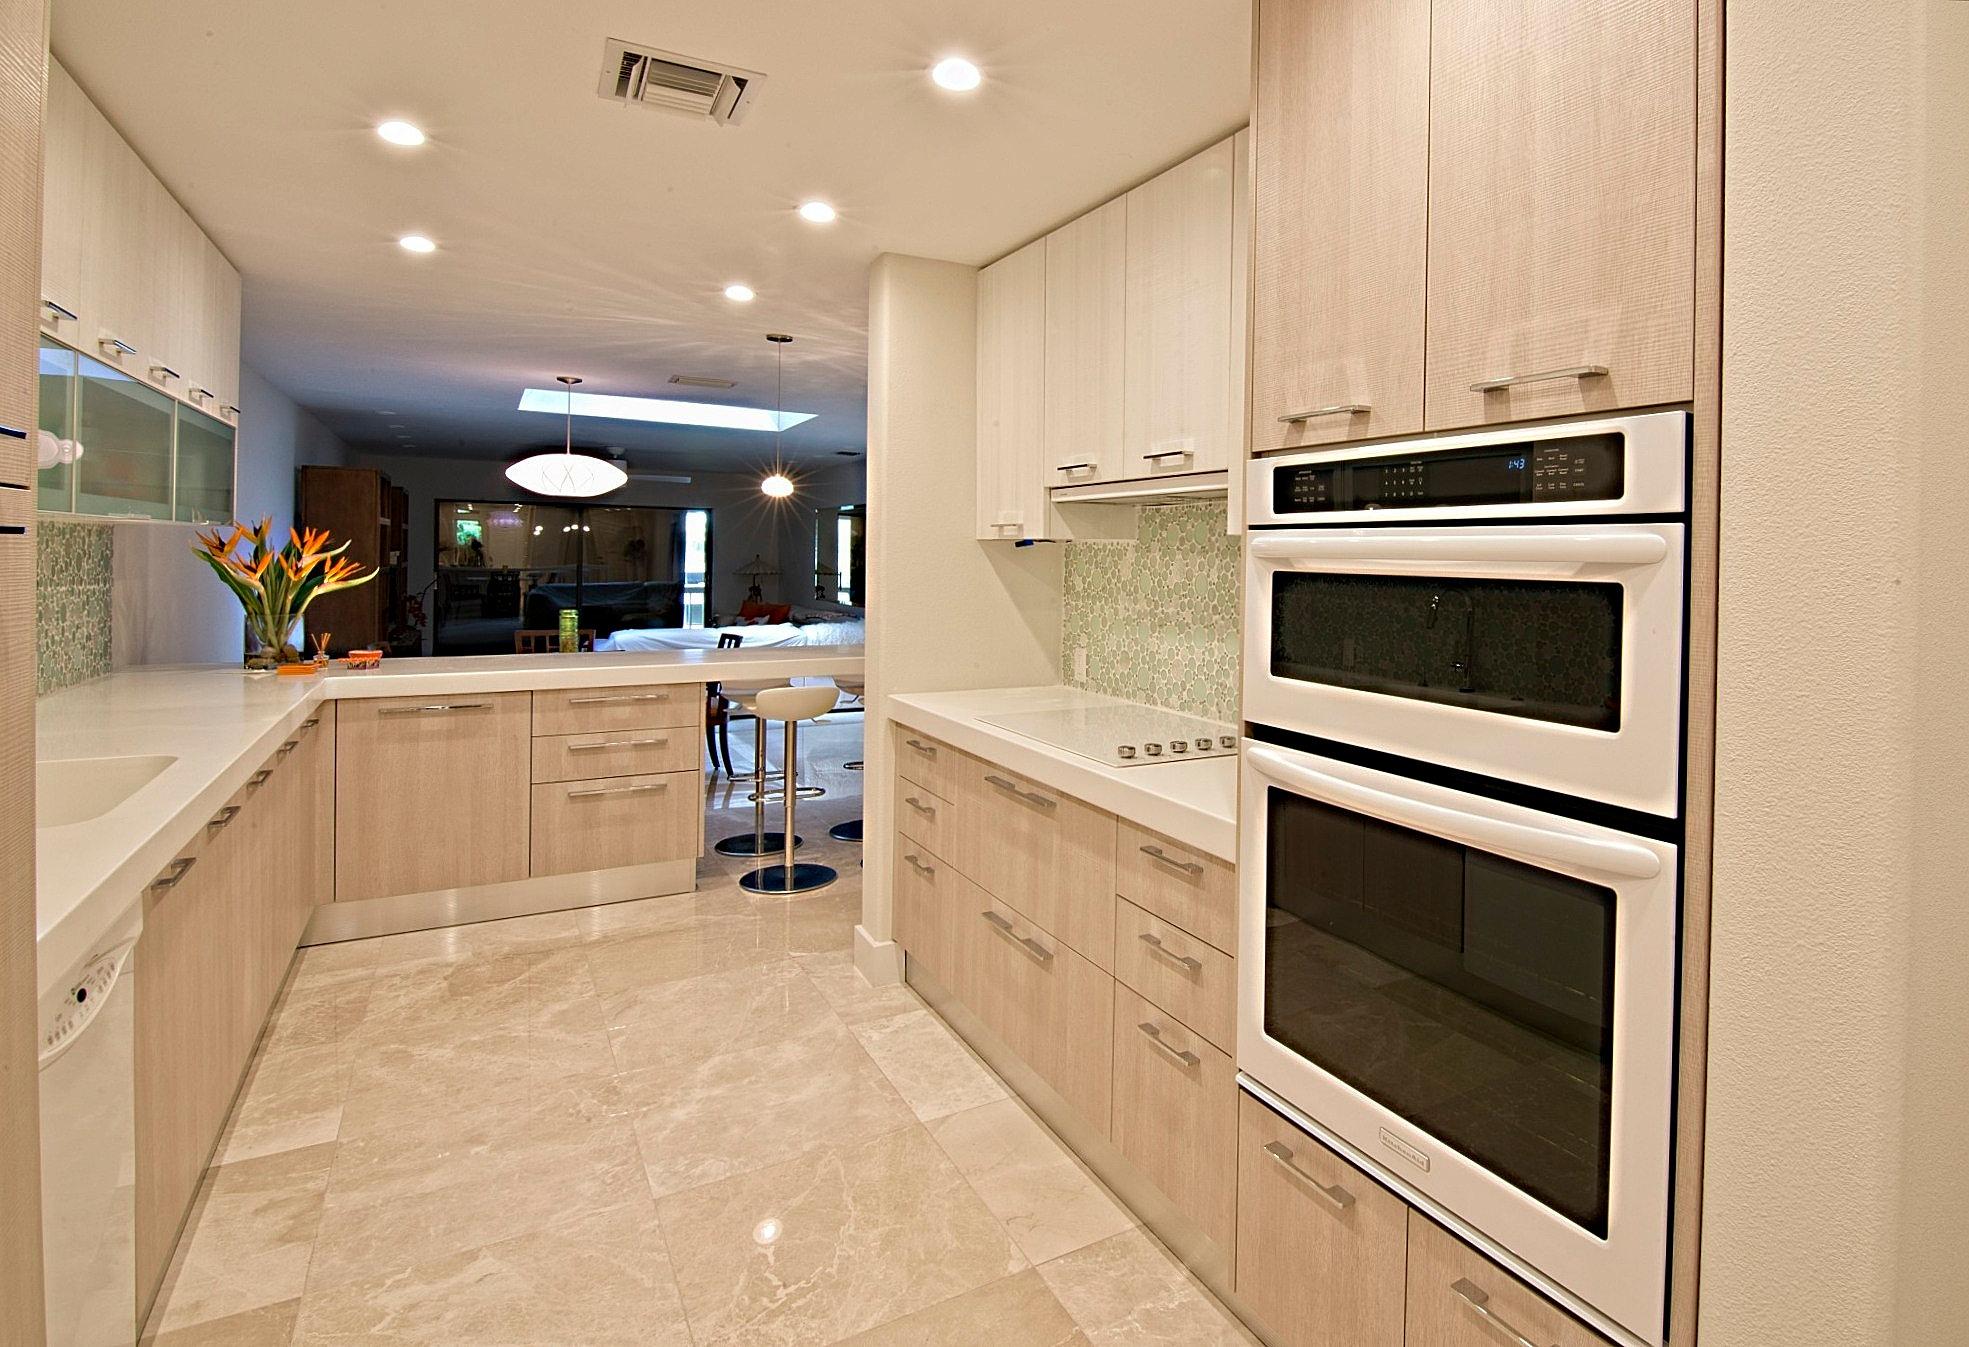 Brista homes inc mark ursini sarasota custom home builder for Home builder com